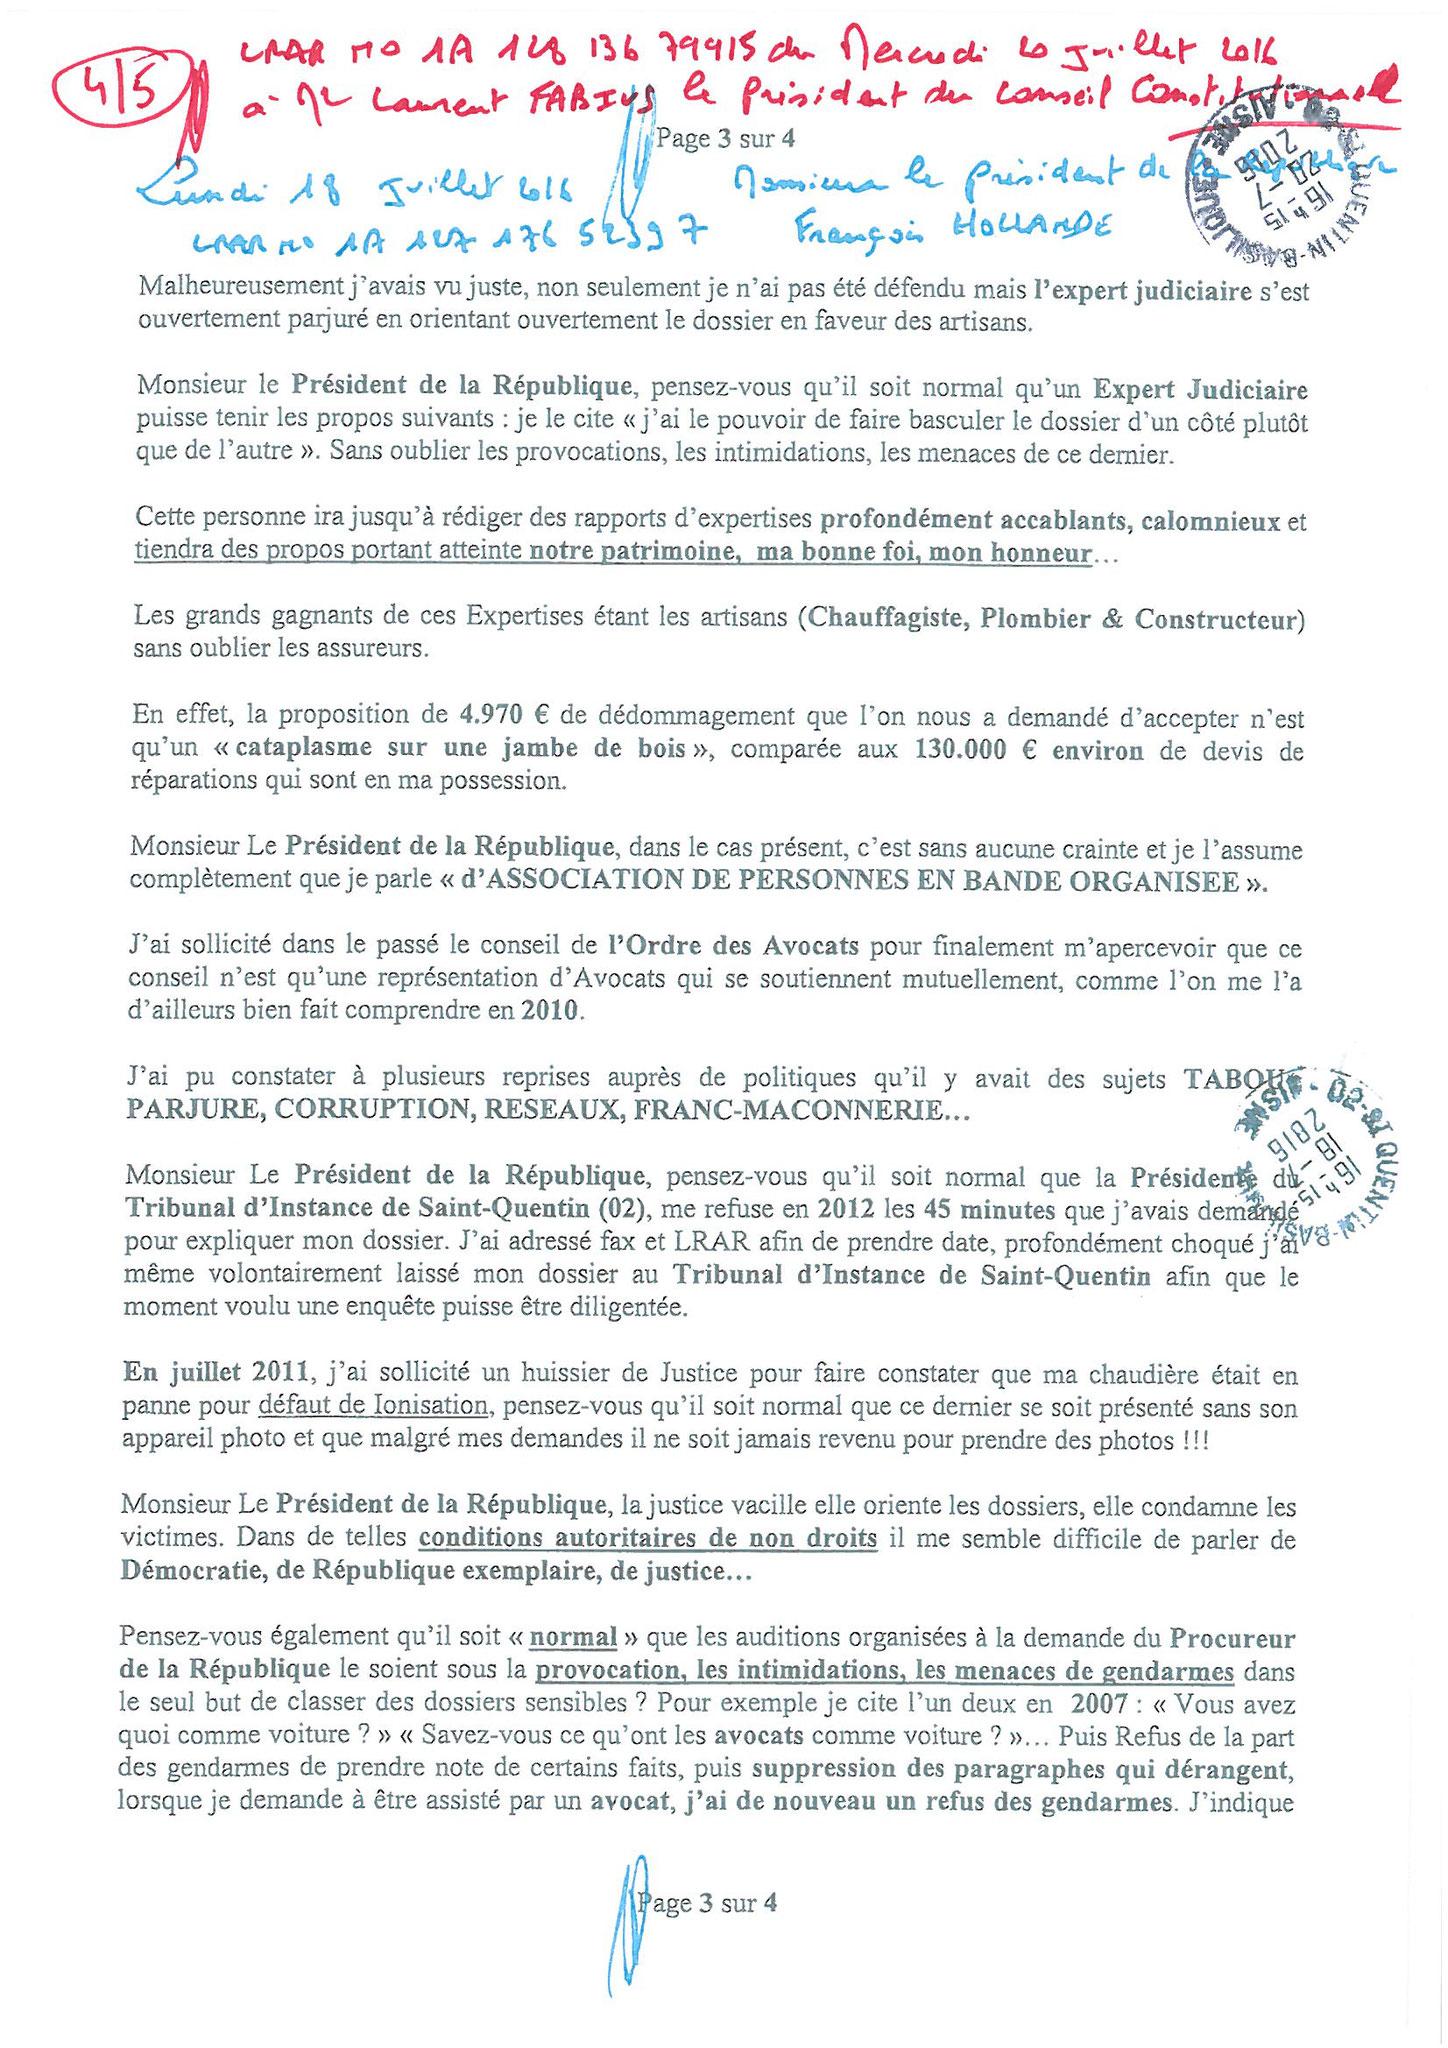 LRAR du 20 Juillet 2016 à Monsieur Laurent FABIUS le Président du Conseil Constitutionnel page 4 à 5 www.maisonnonconforme.fr